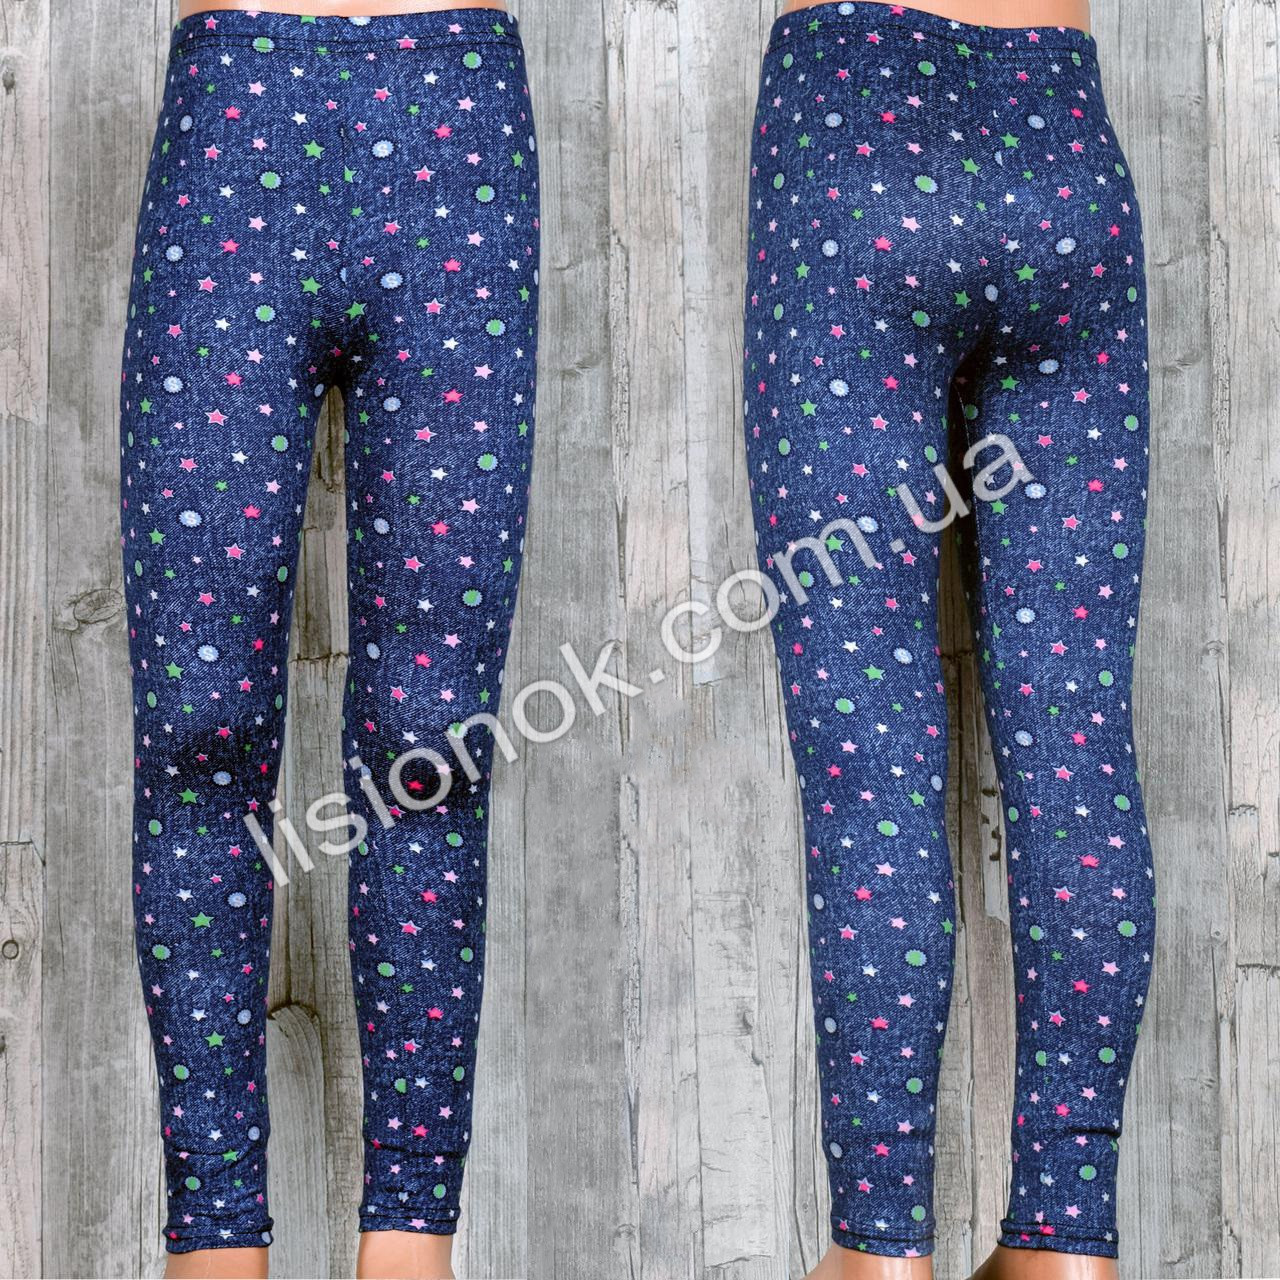 Тонкие хлопковые лосины под джинс для девочек на лето отличного качества, рисунок звездочки